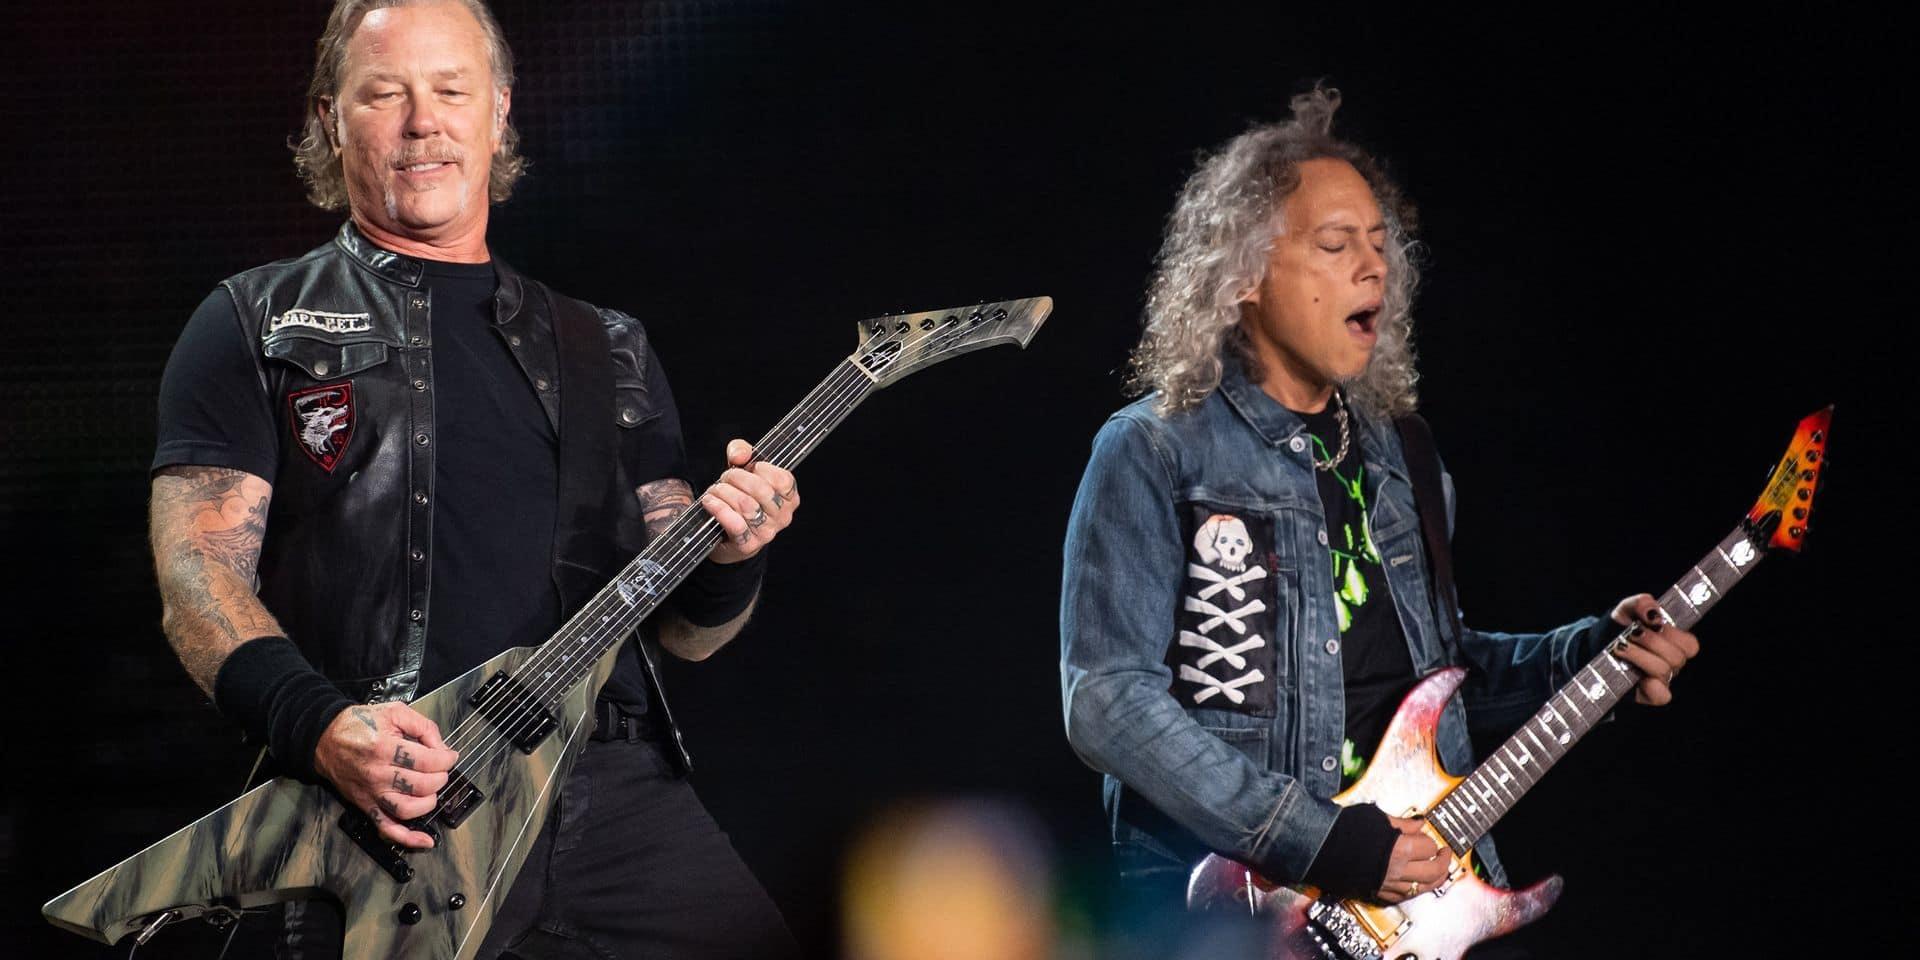 Mauvaise nouvelle pour les fans de Metallica: le leader du groupe en cure de désintox